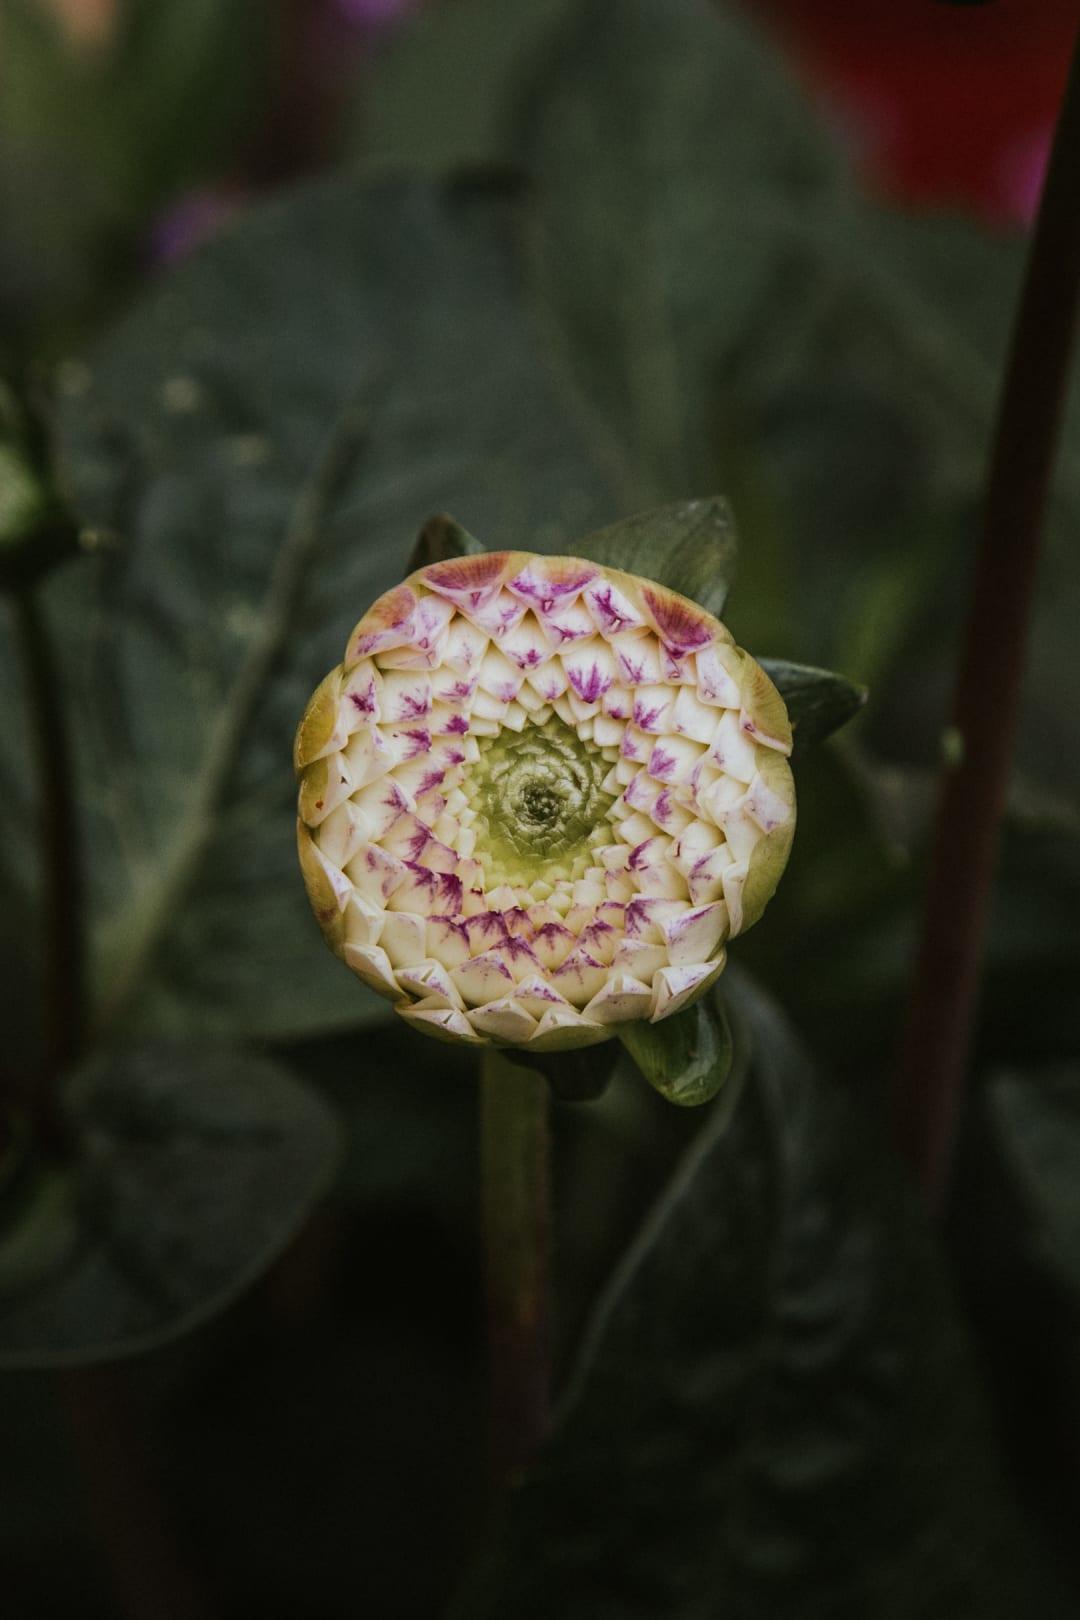 Close up of a budding ball dahlia.